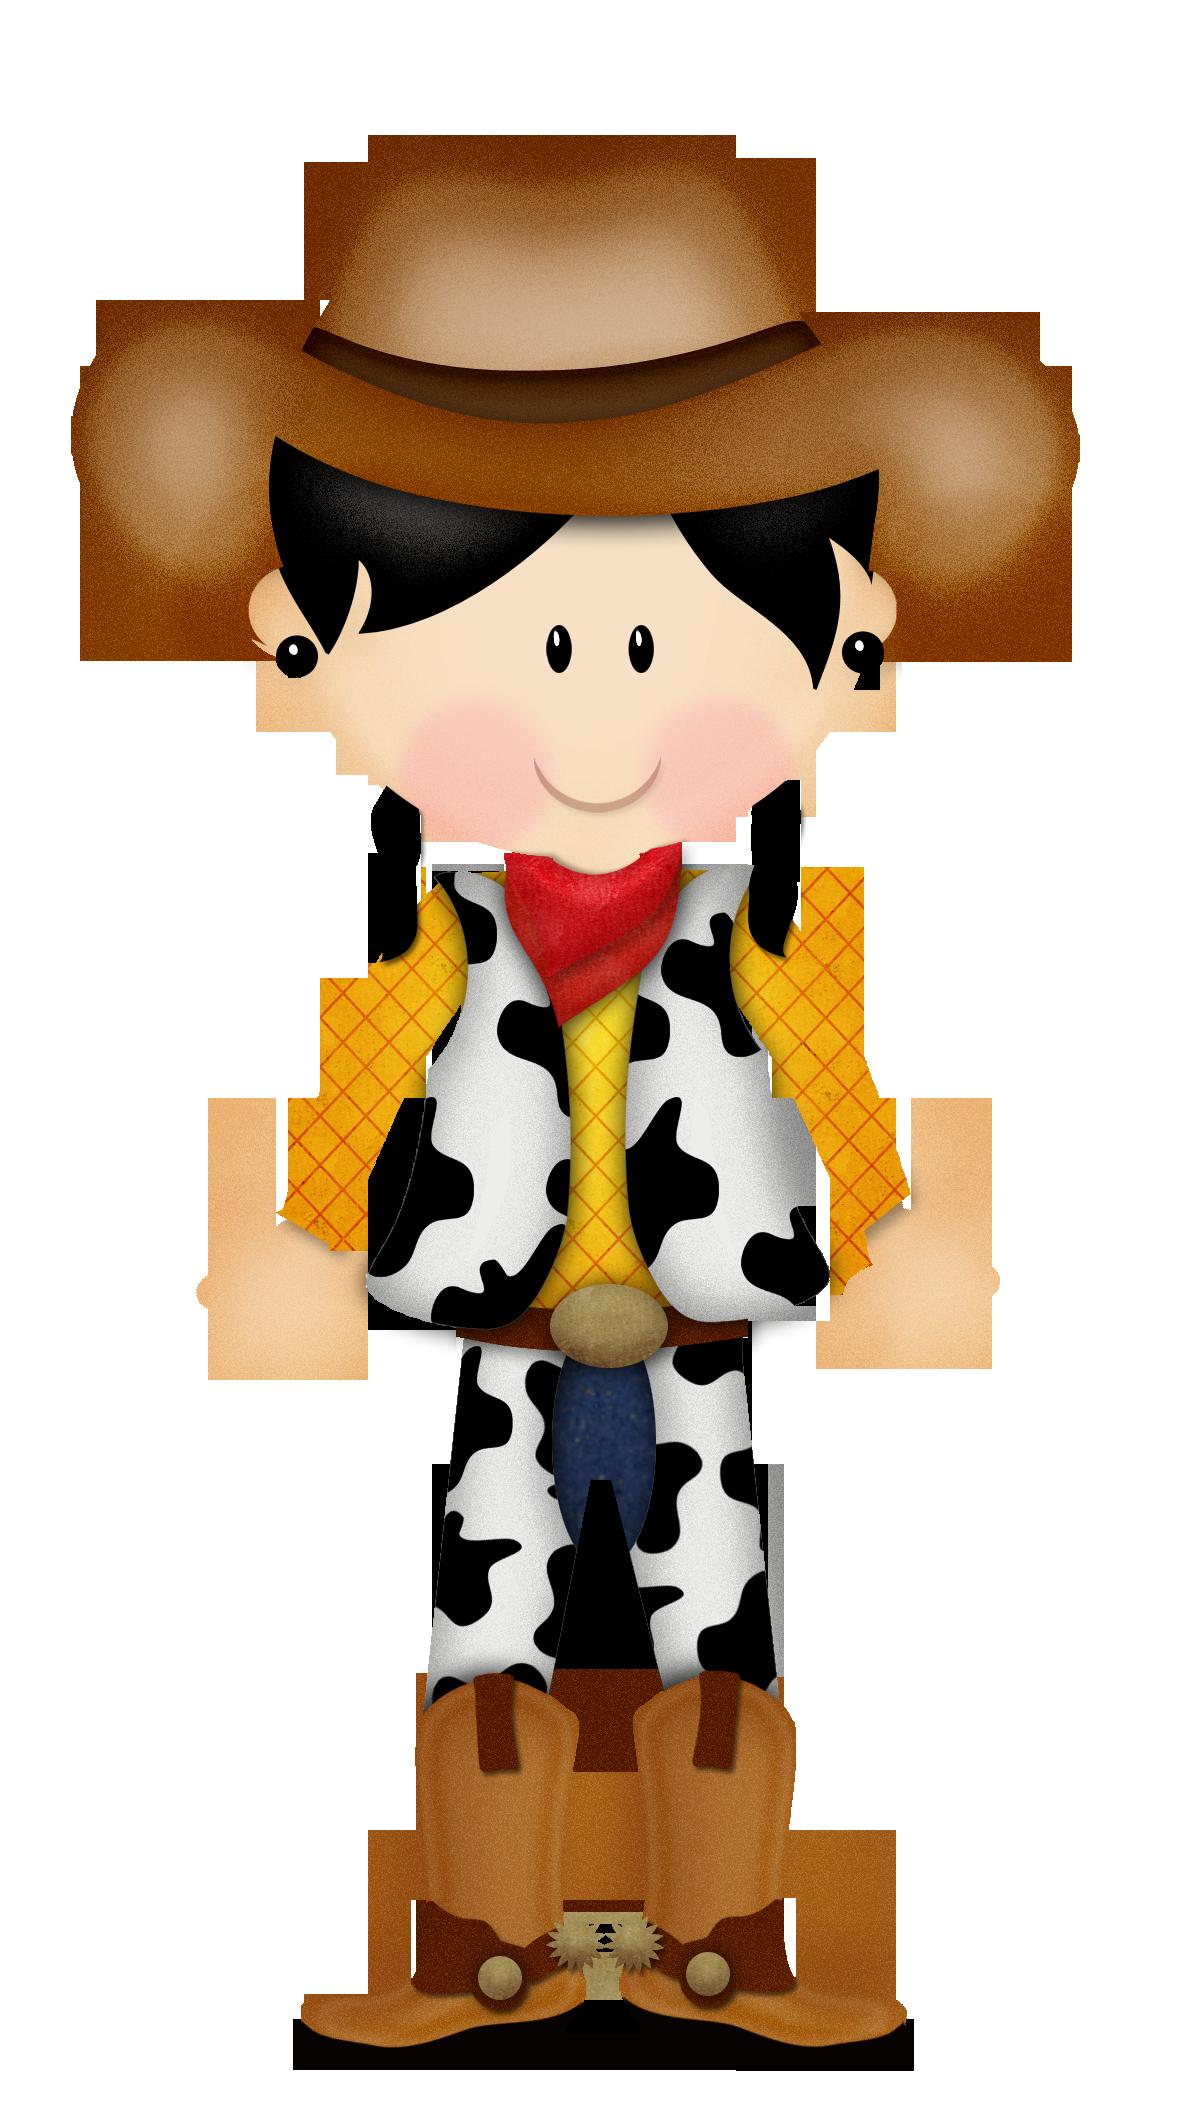 Free clipart pumpkin cowboy hat picture transparent download Photo by @duda-cavalcanti - Minus | clip art | Pinterest | Cowboys ... picture transparent download